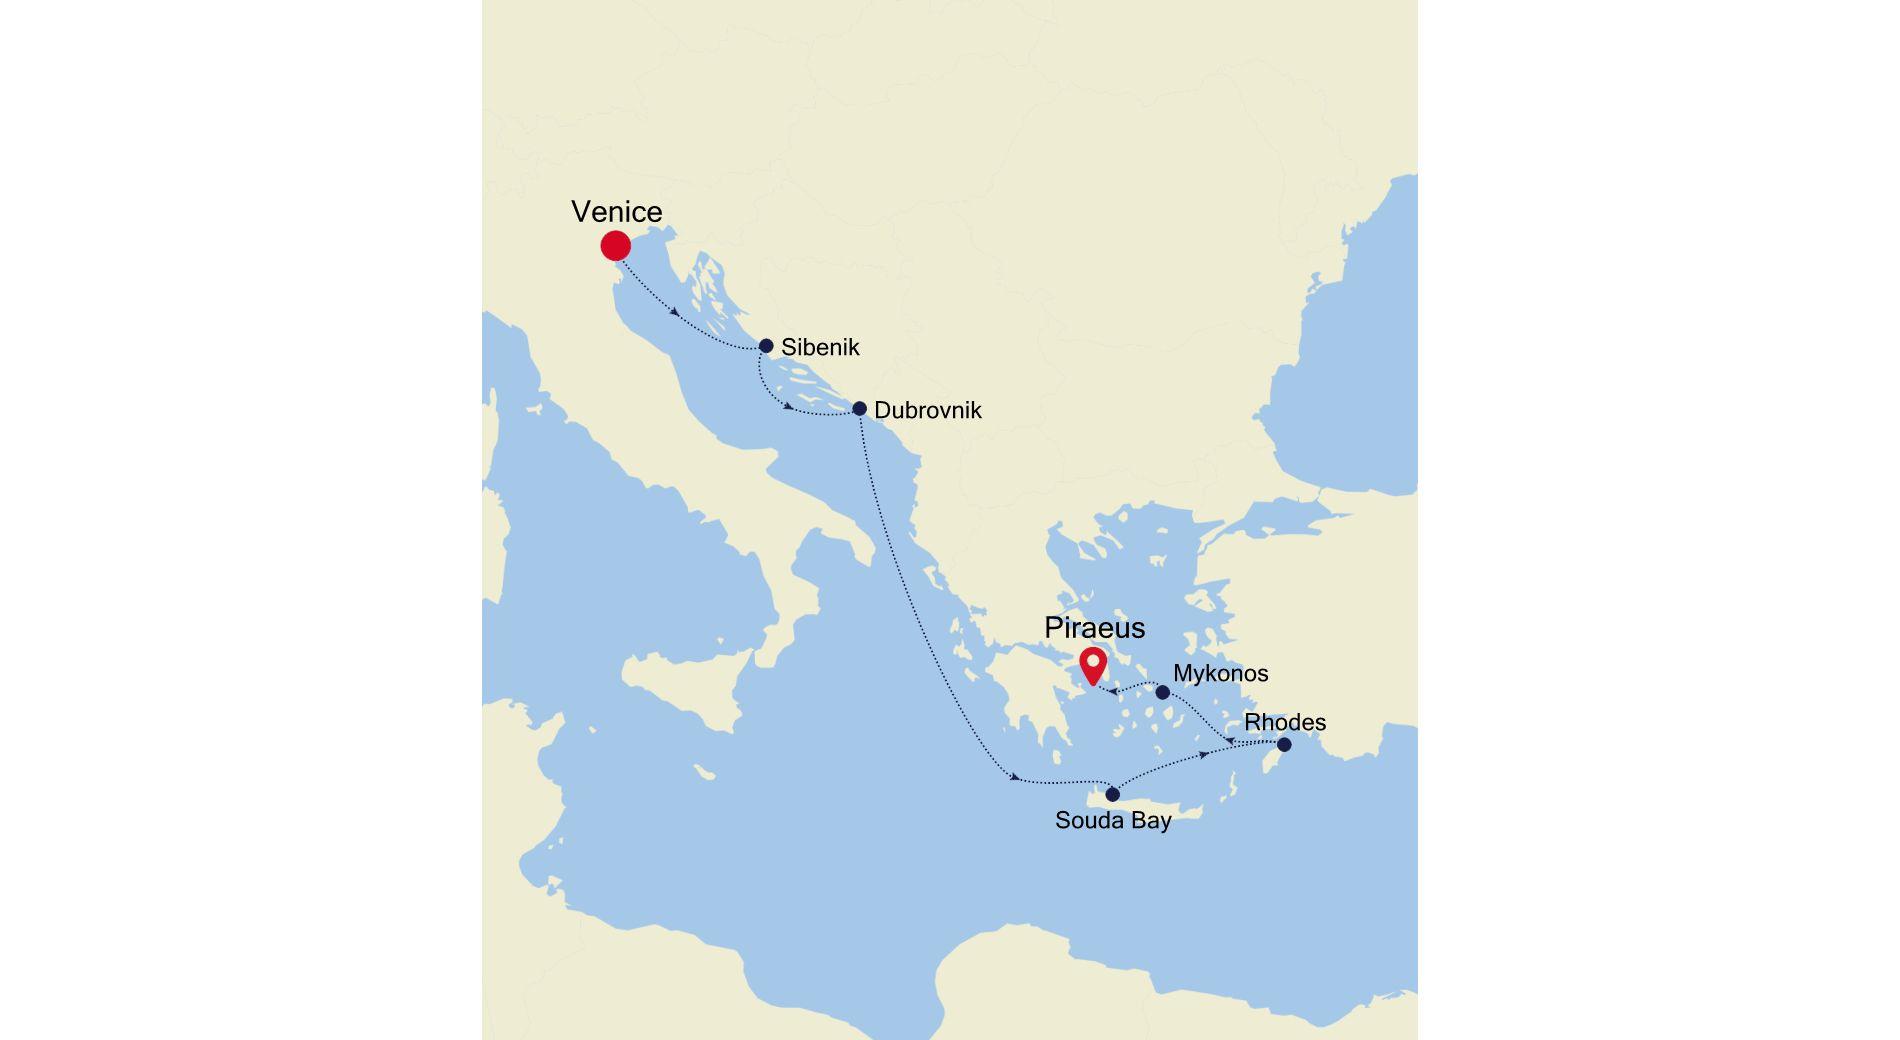 MO201012007 - Venice à Athens